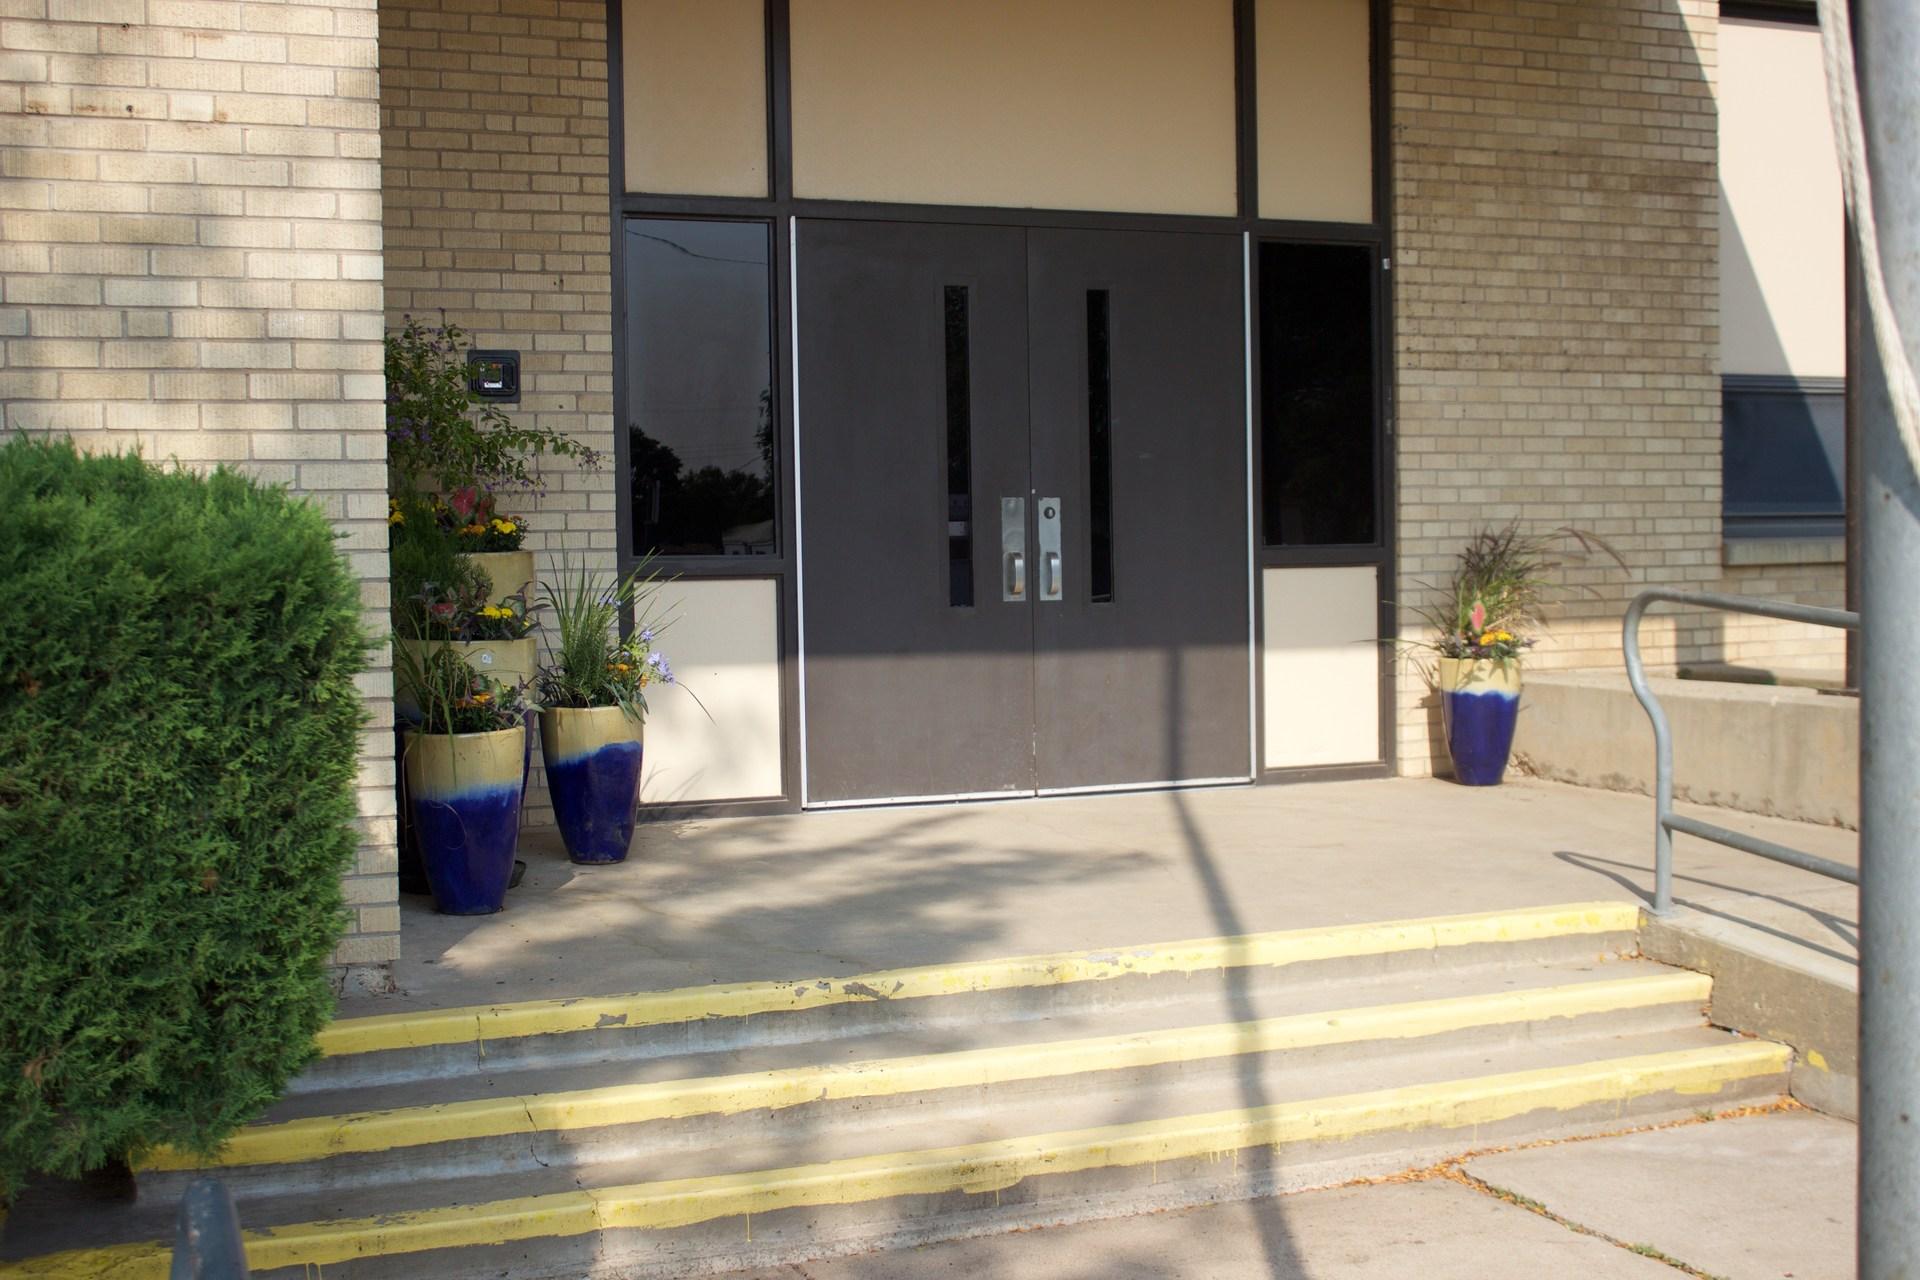 HCAL's front door